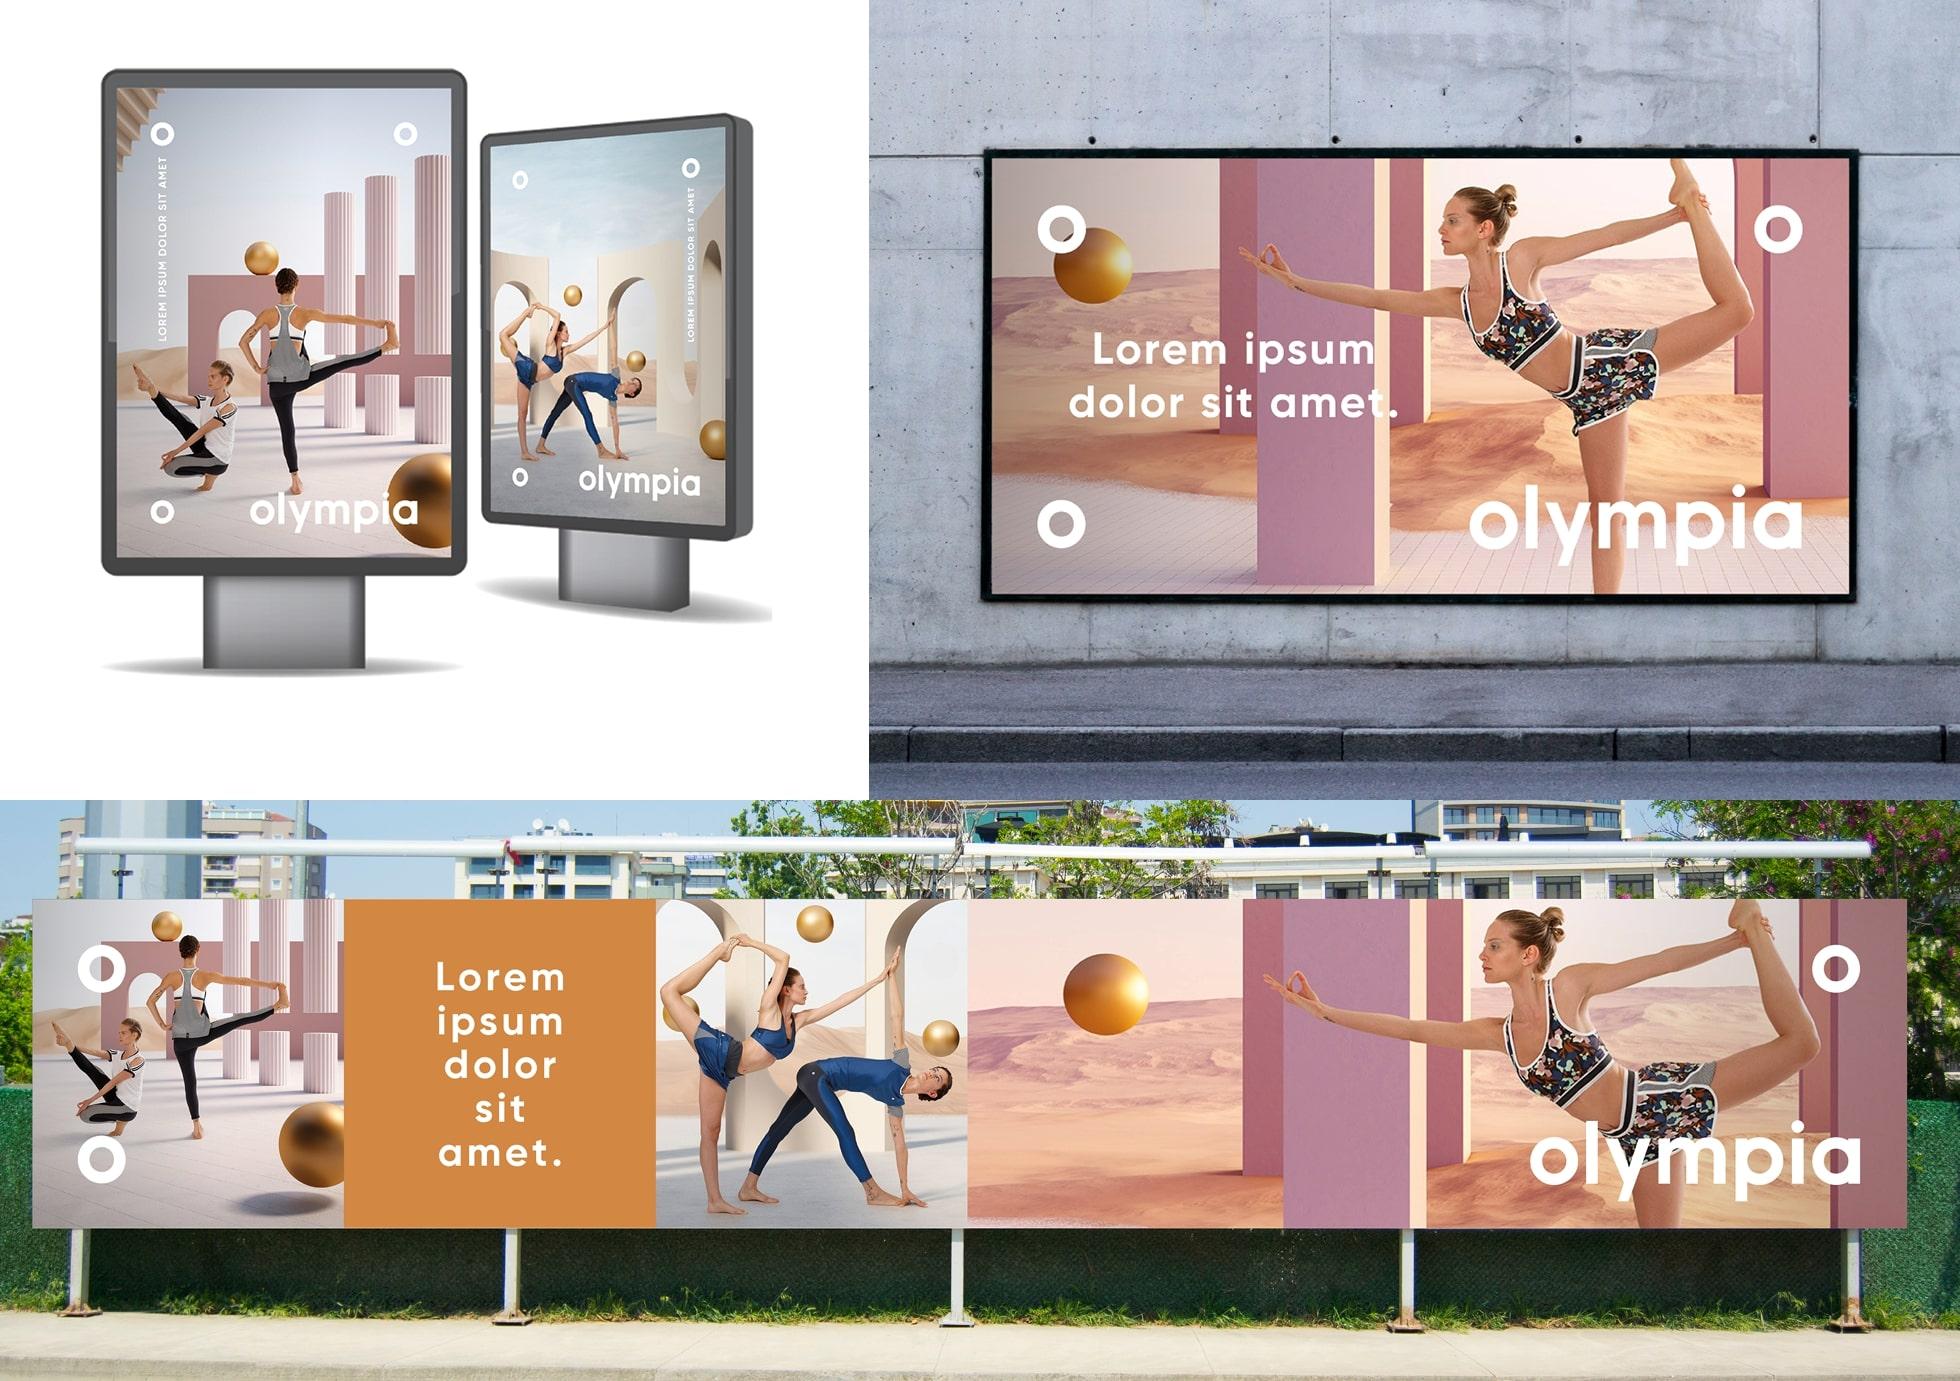 retail_olympia_billboard2